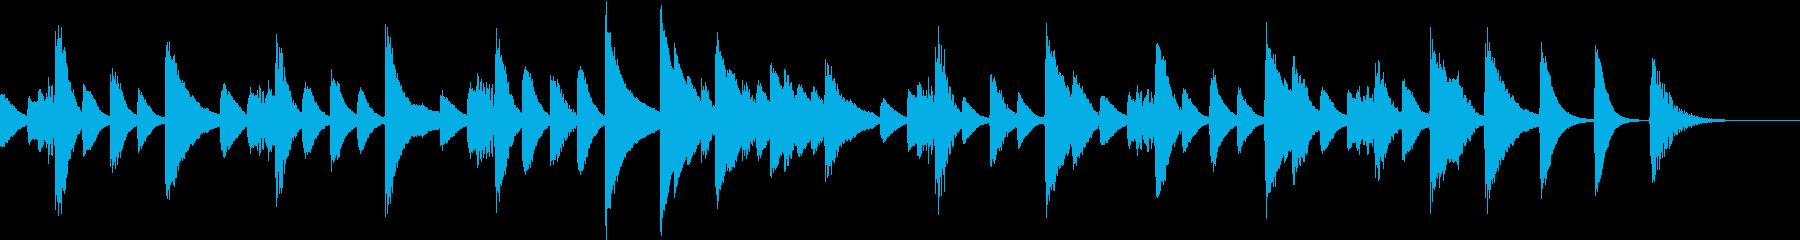 じゃれる猫を題材にした軽快ピアノジングルの再生済みの波形